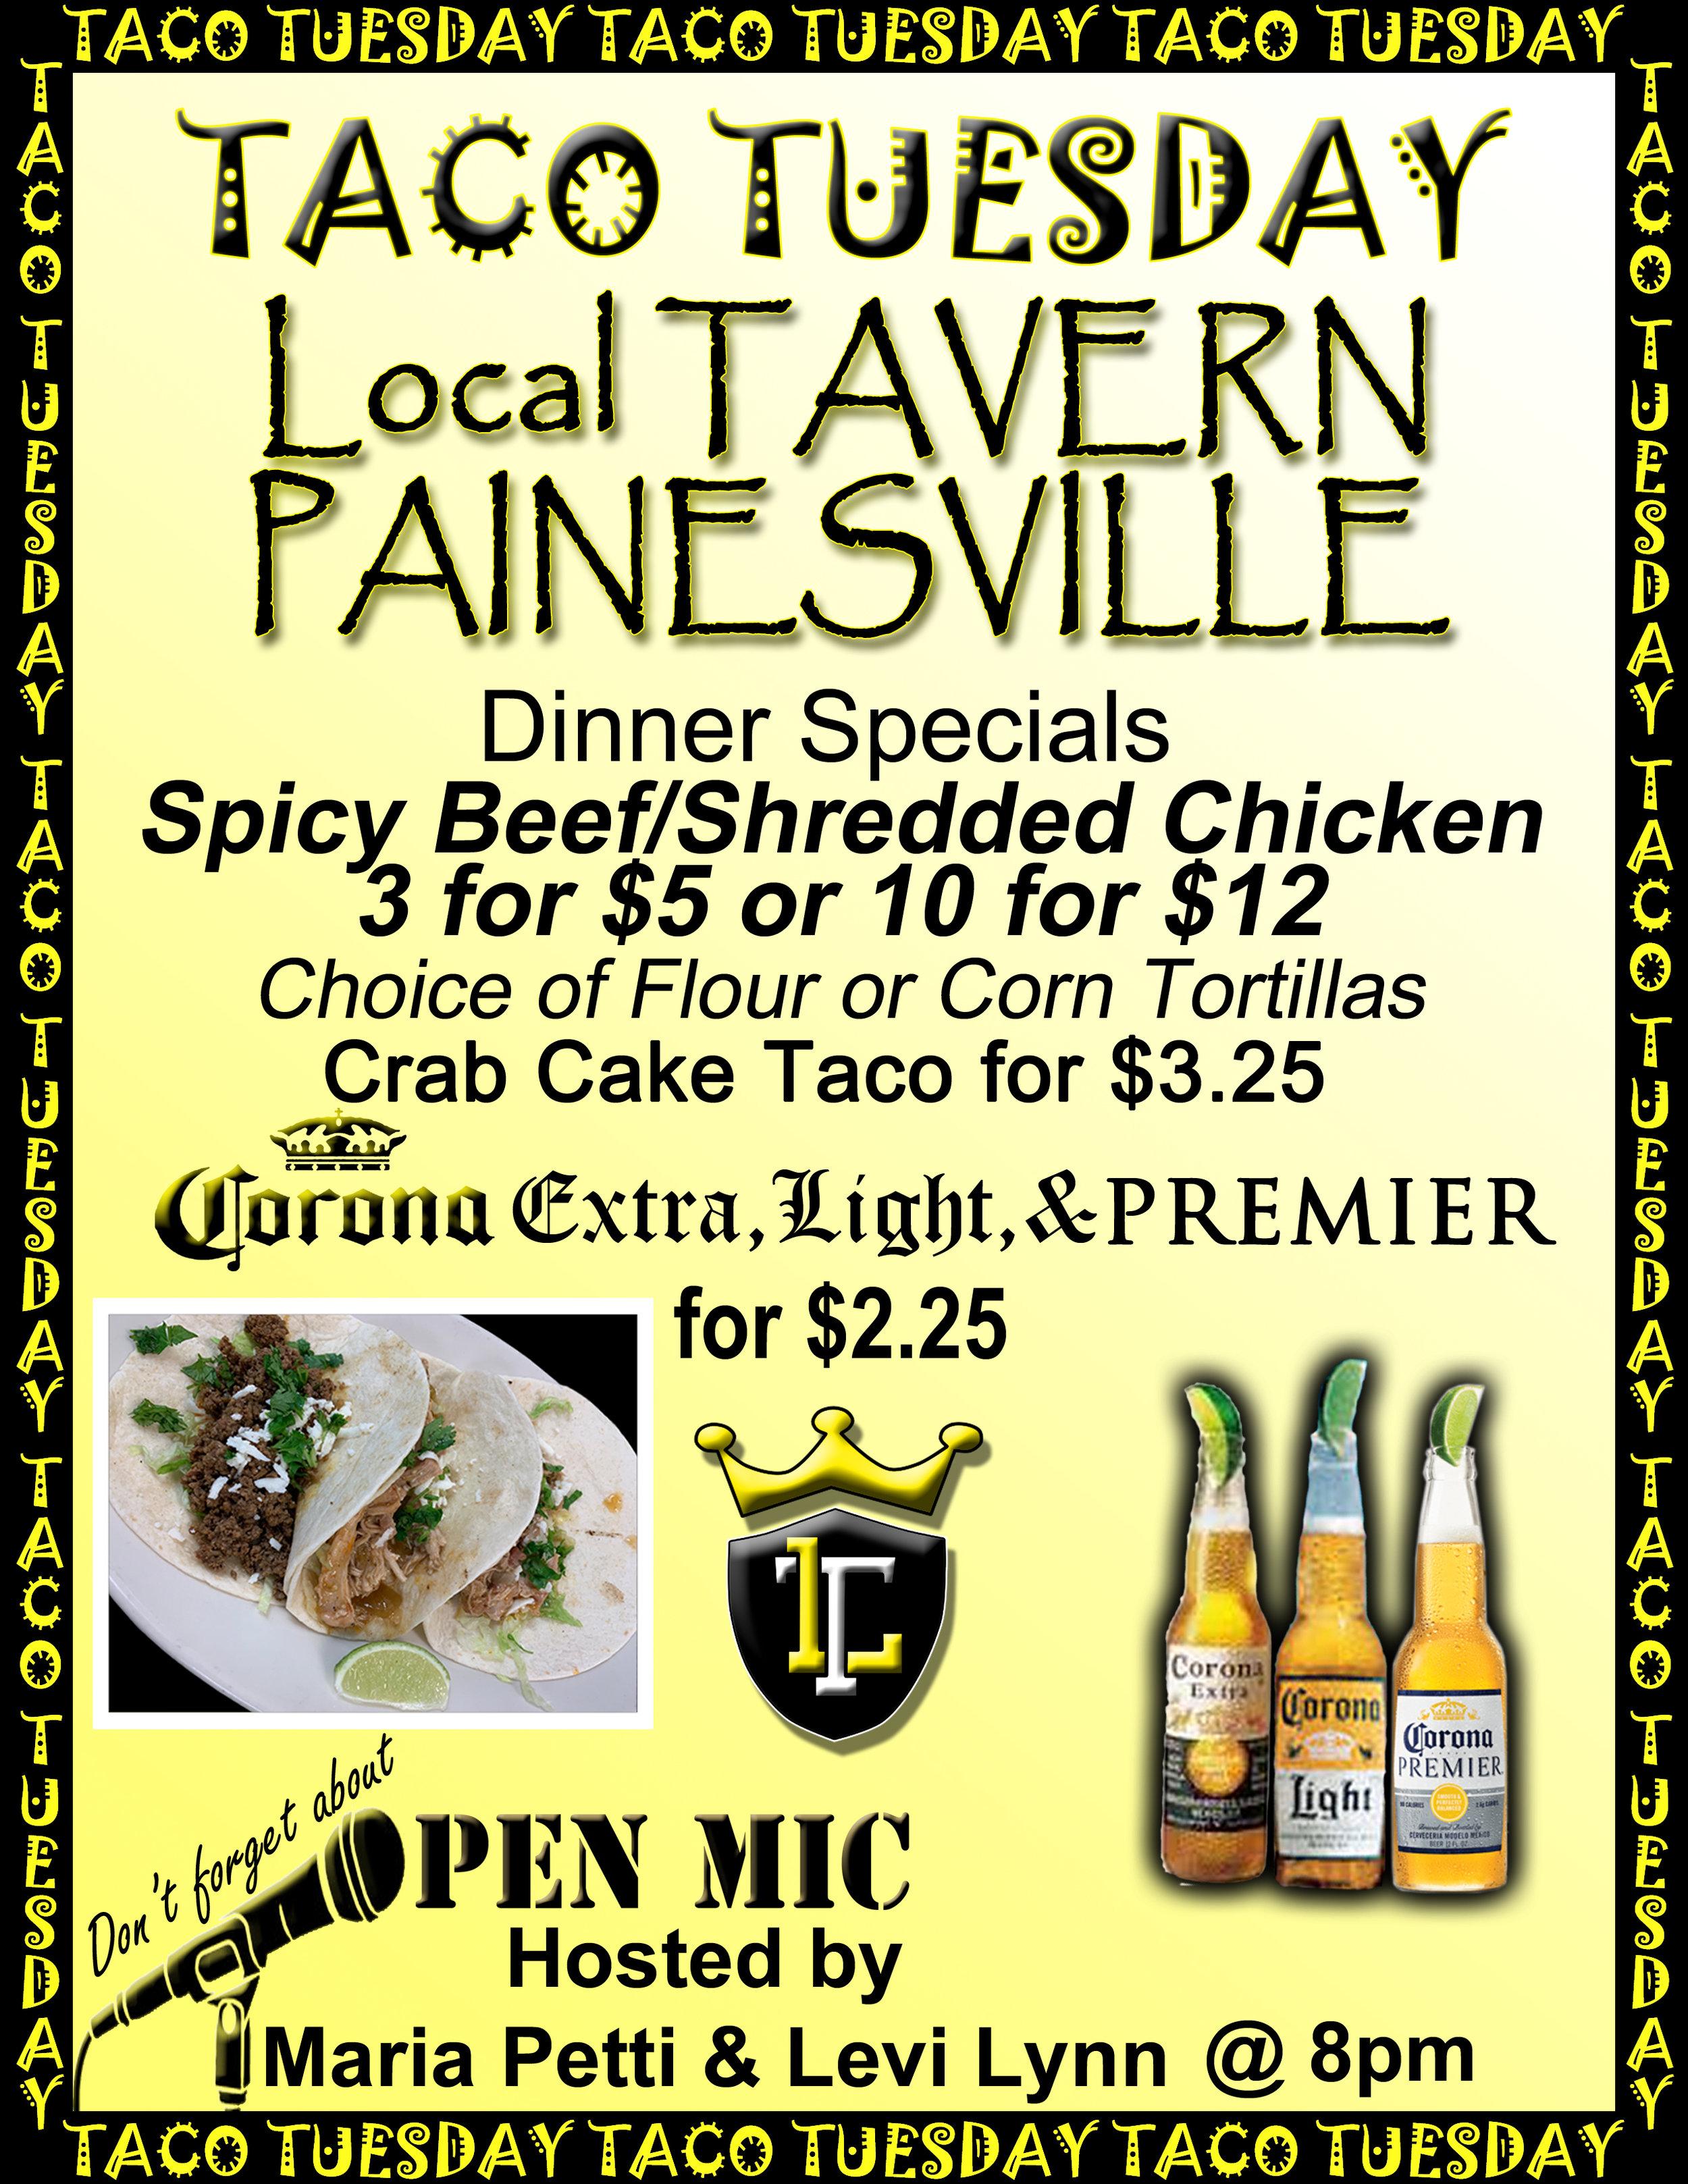 Taco Tuesday Flyer.jpg